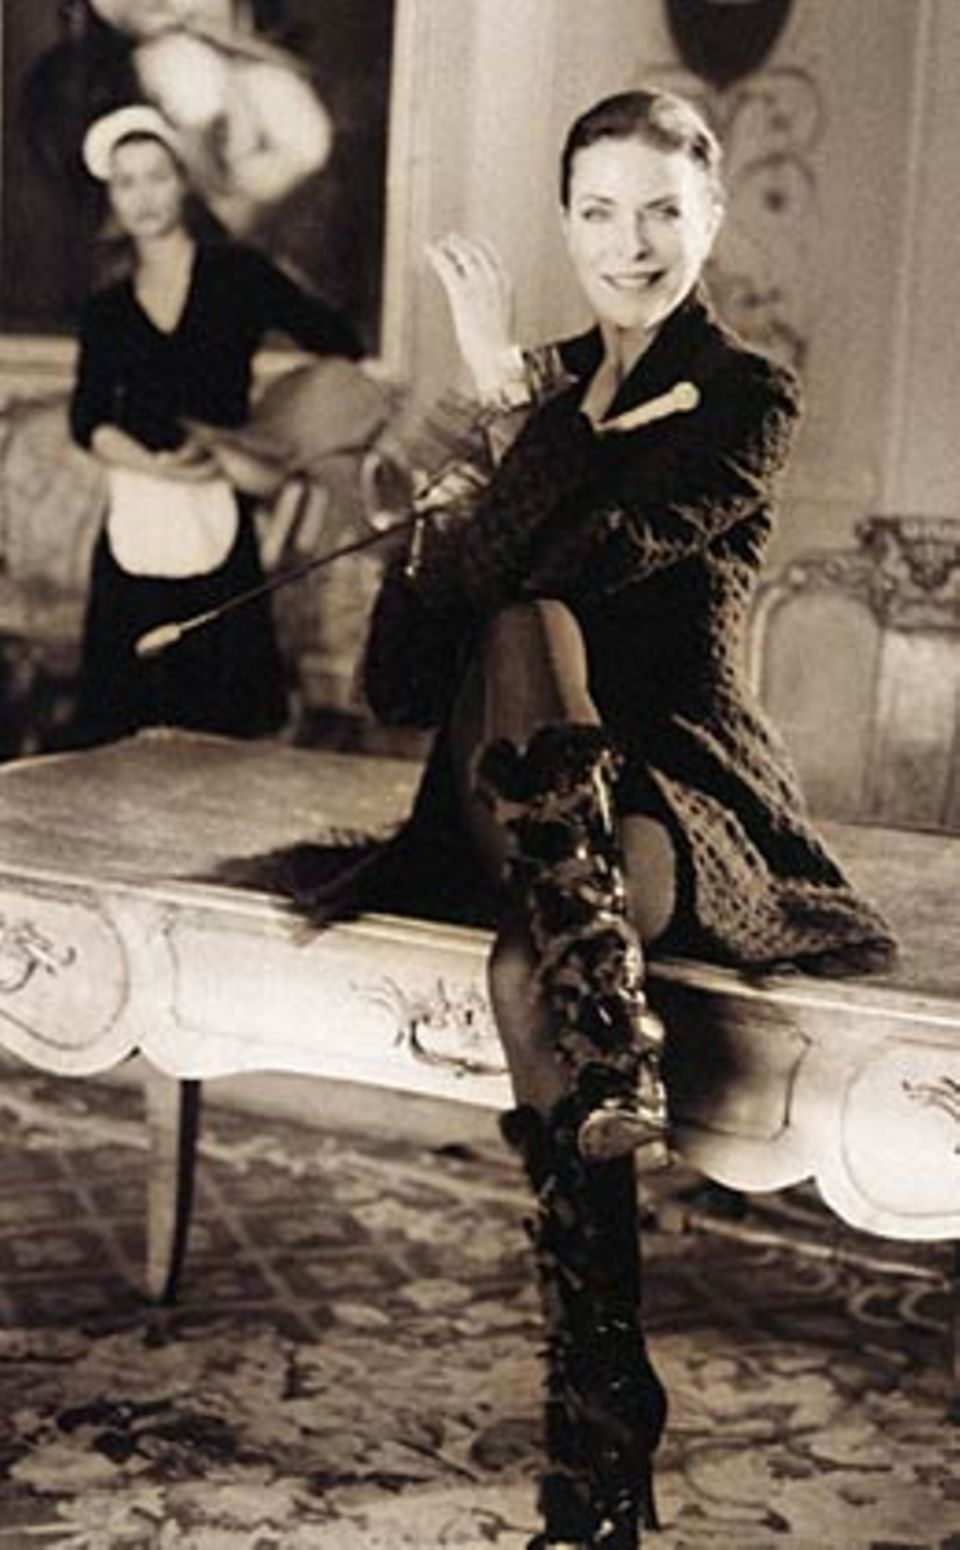 Jacke mit Trompetenärmeln, von Giorgio Armani, ca. 2200 Euro. Strumpfhose: Falke. Lackstiefel: Louis Vuitton. Lederpeitsche mit